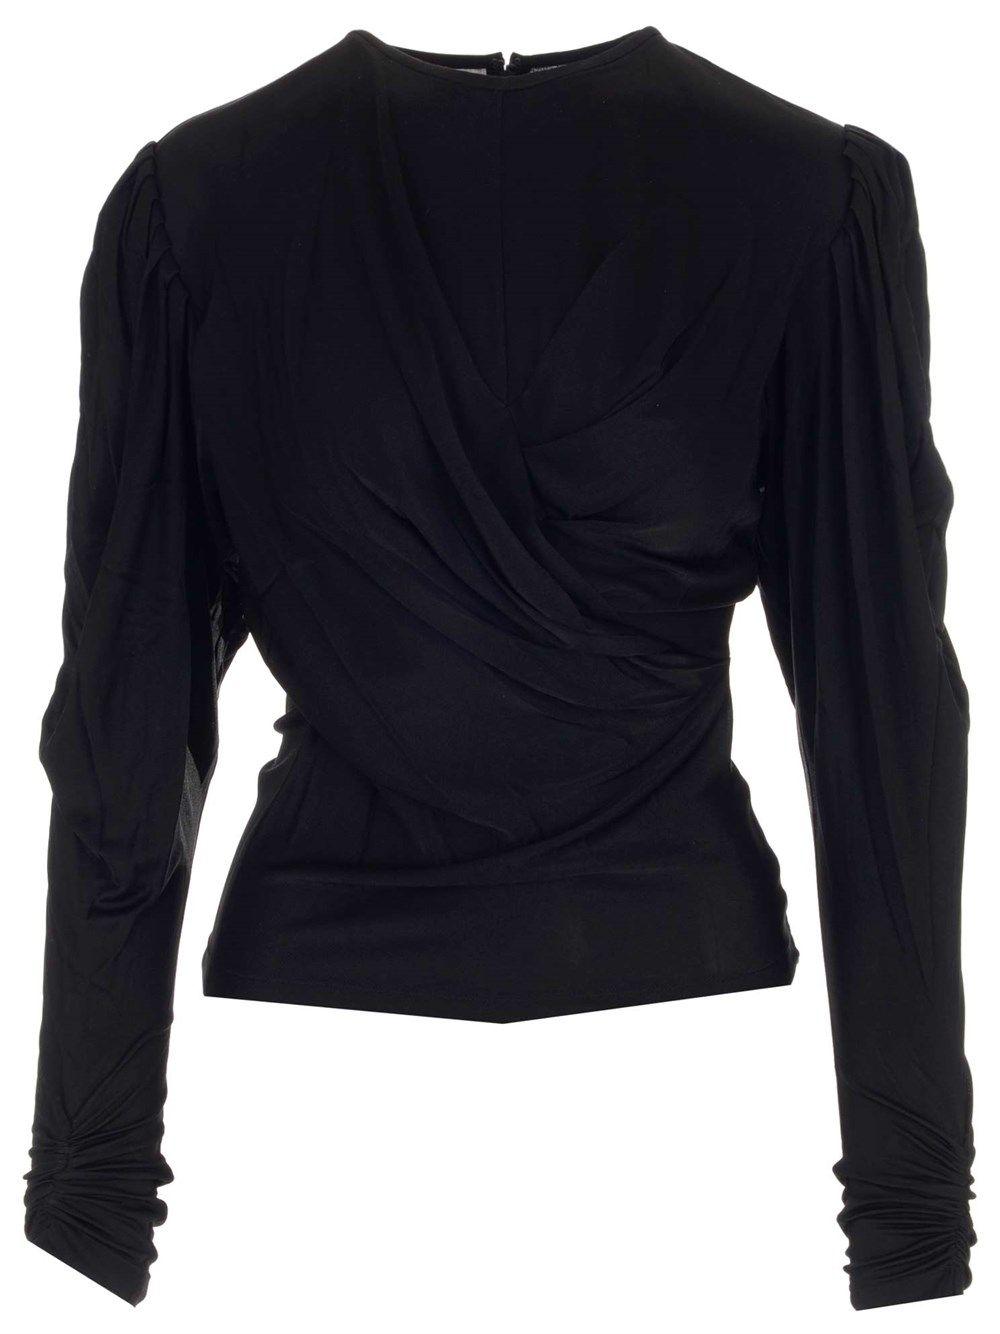 Isabel Marant Silks ISABEL MARANT WOMEN'S BLACK OTHER MATERIALS TOP